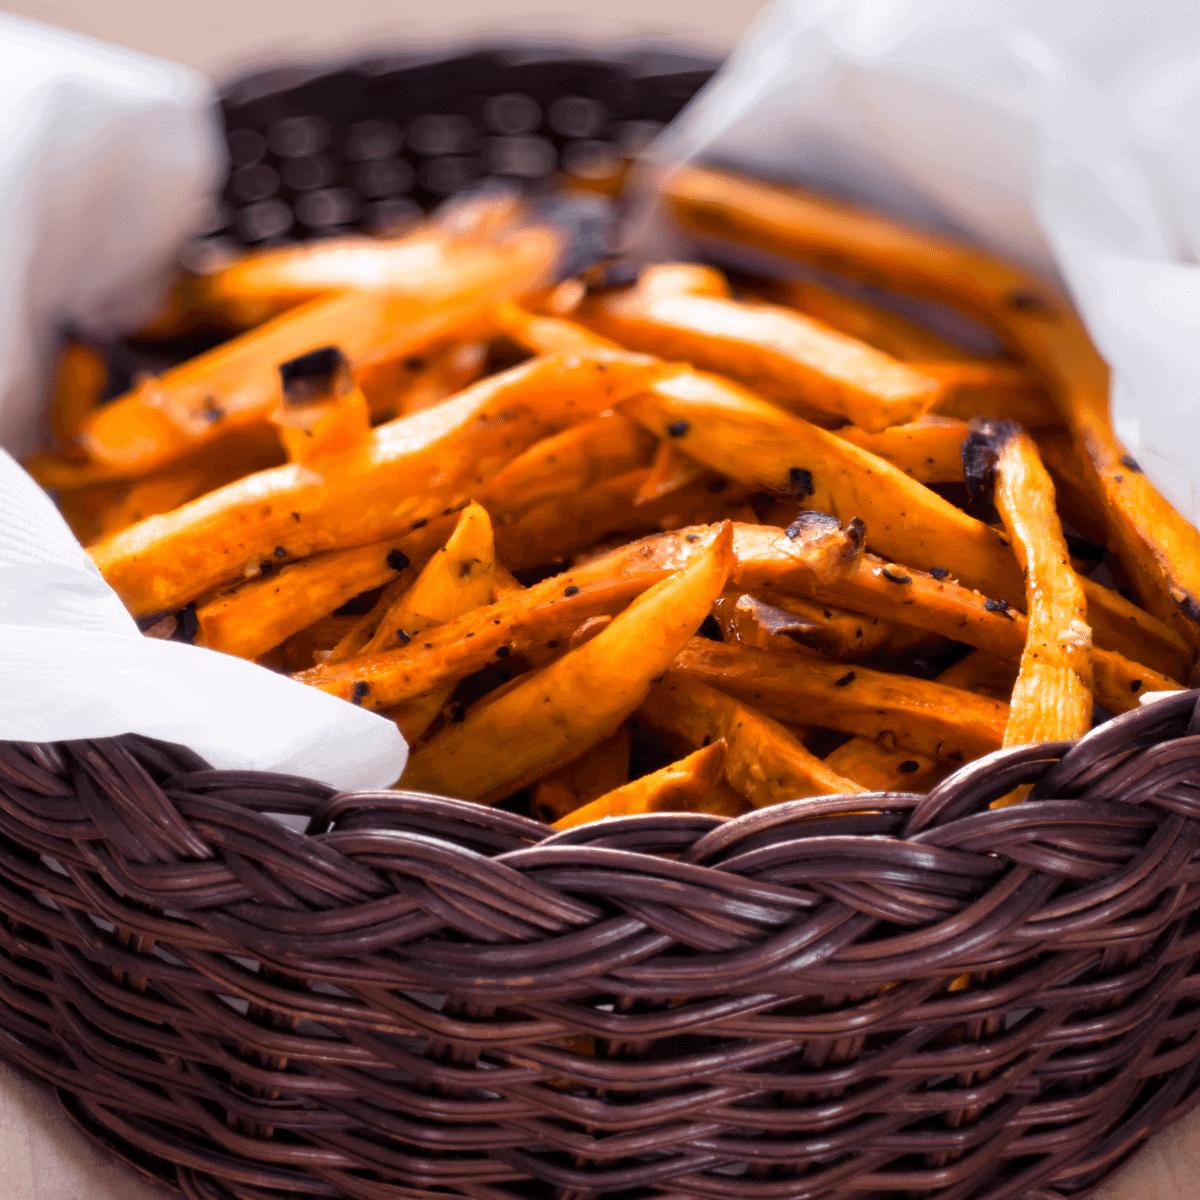 Ultra crispy sweet potato fries in a wicker basket